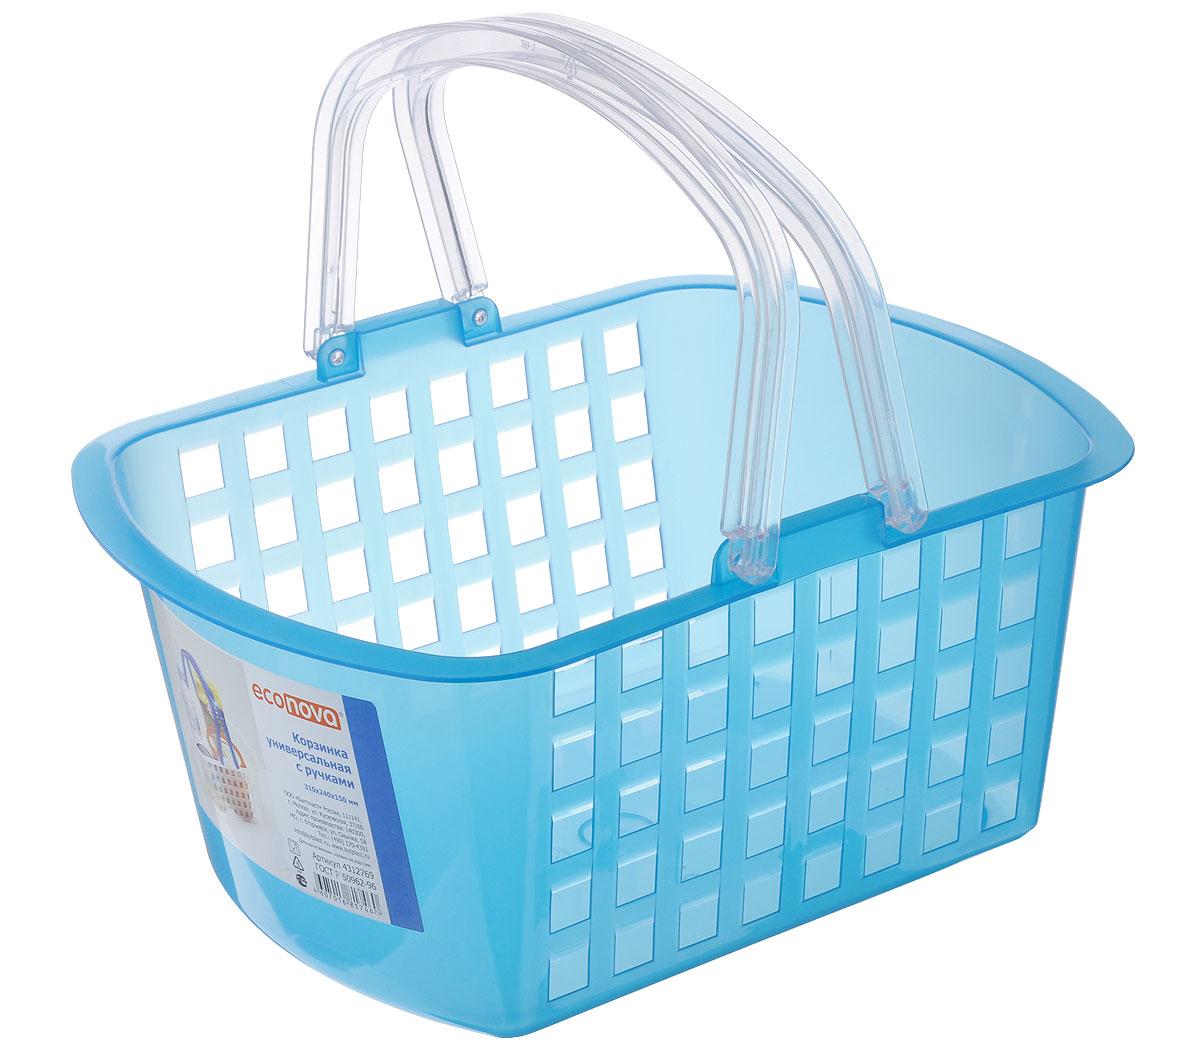 Корзинка универсальная Econova, цвет: голубой, 31 х 24 х 15 смCLP446Универсальная корзина Econova, изготовленная из высококачественного прочного пластика, предназначена для хранения мелочей в ванной, на кухне, даче или гараже. Изделие оснащено двумя удобными складными ручками.Это легкая корзина со сплошным дном, жесткой кромкой и небольшими отверстиями позволяет хранить мелкие вещи, исключая возможность их потери.